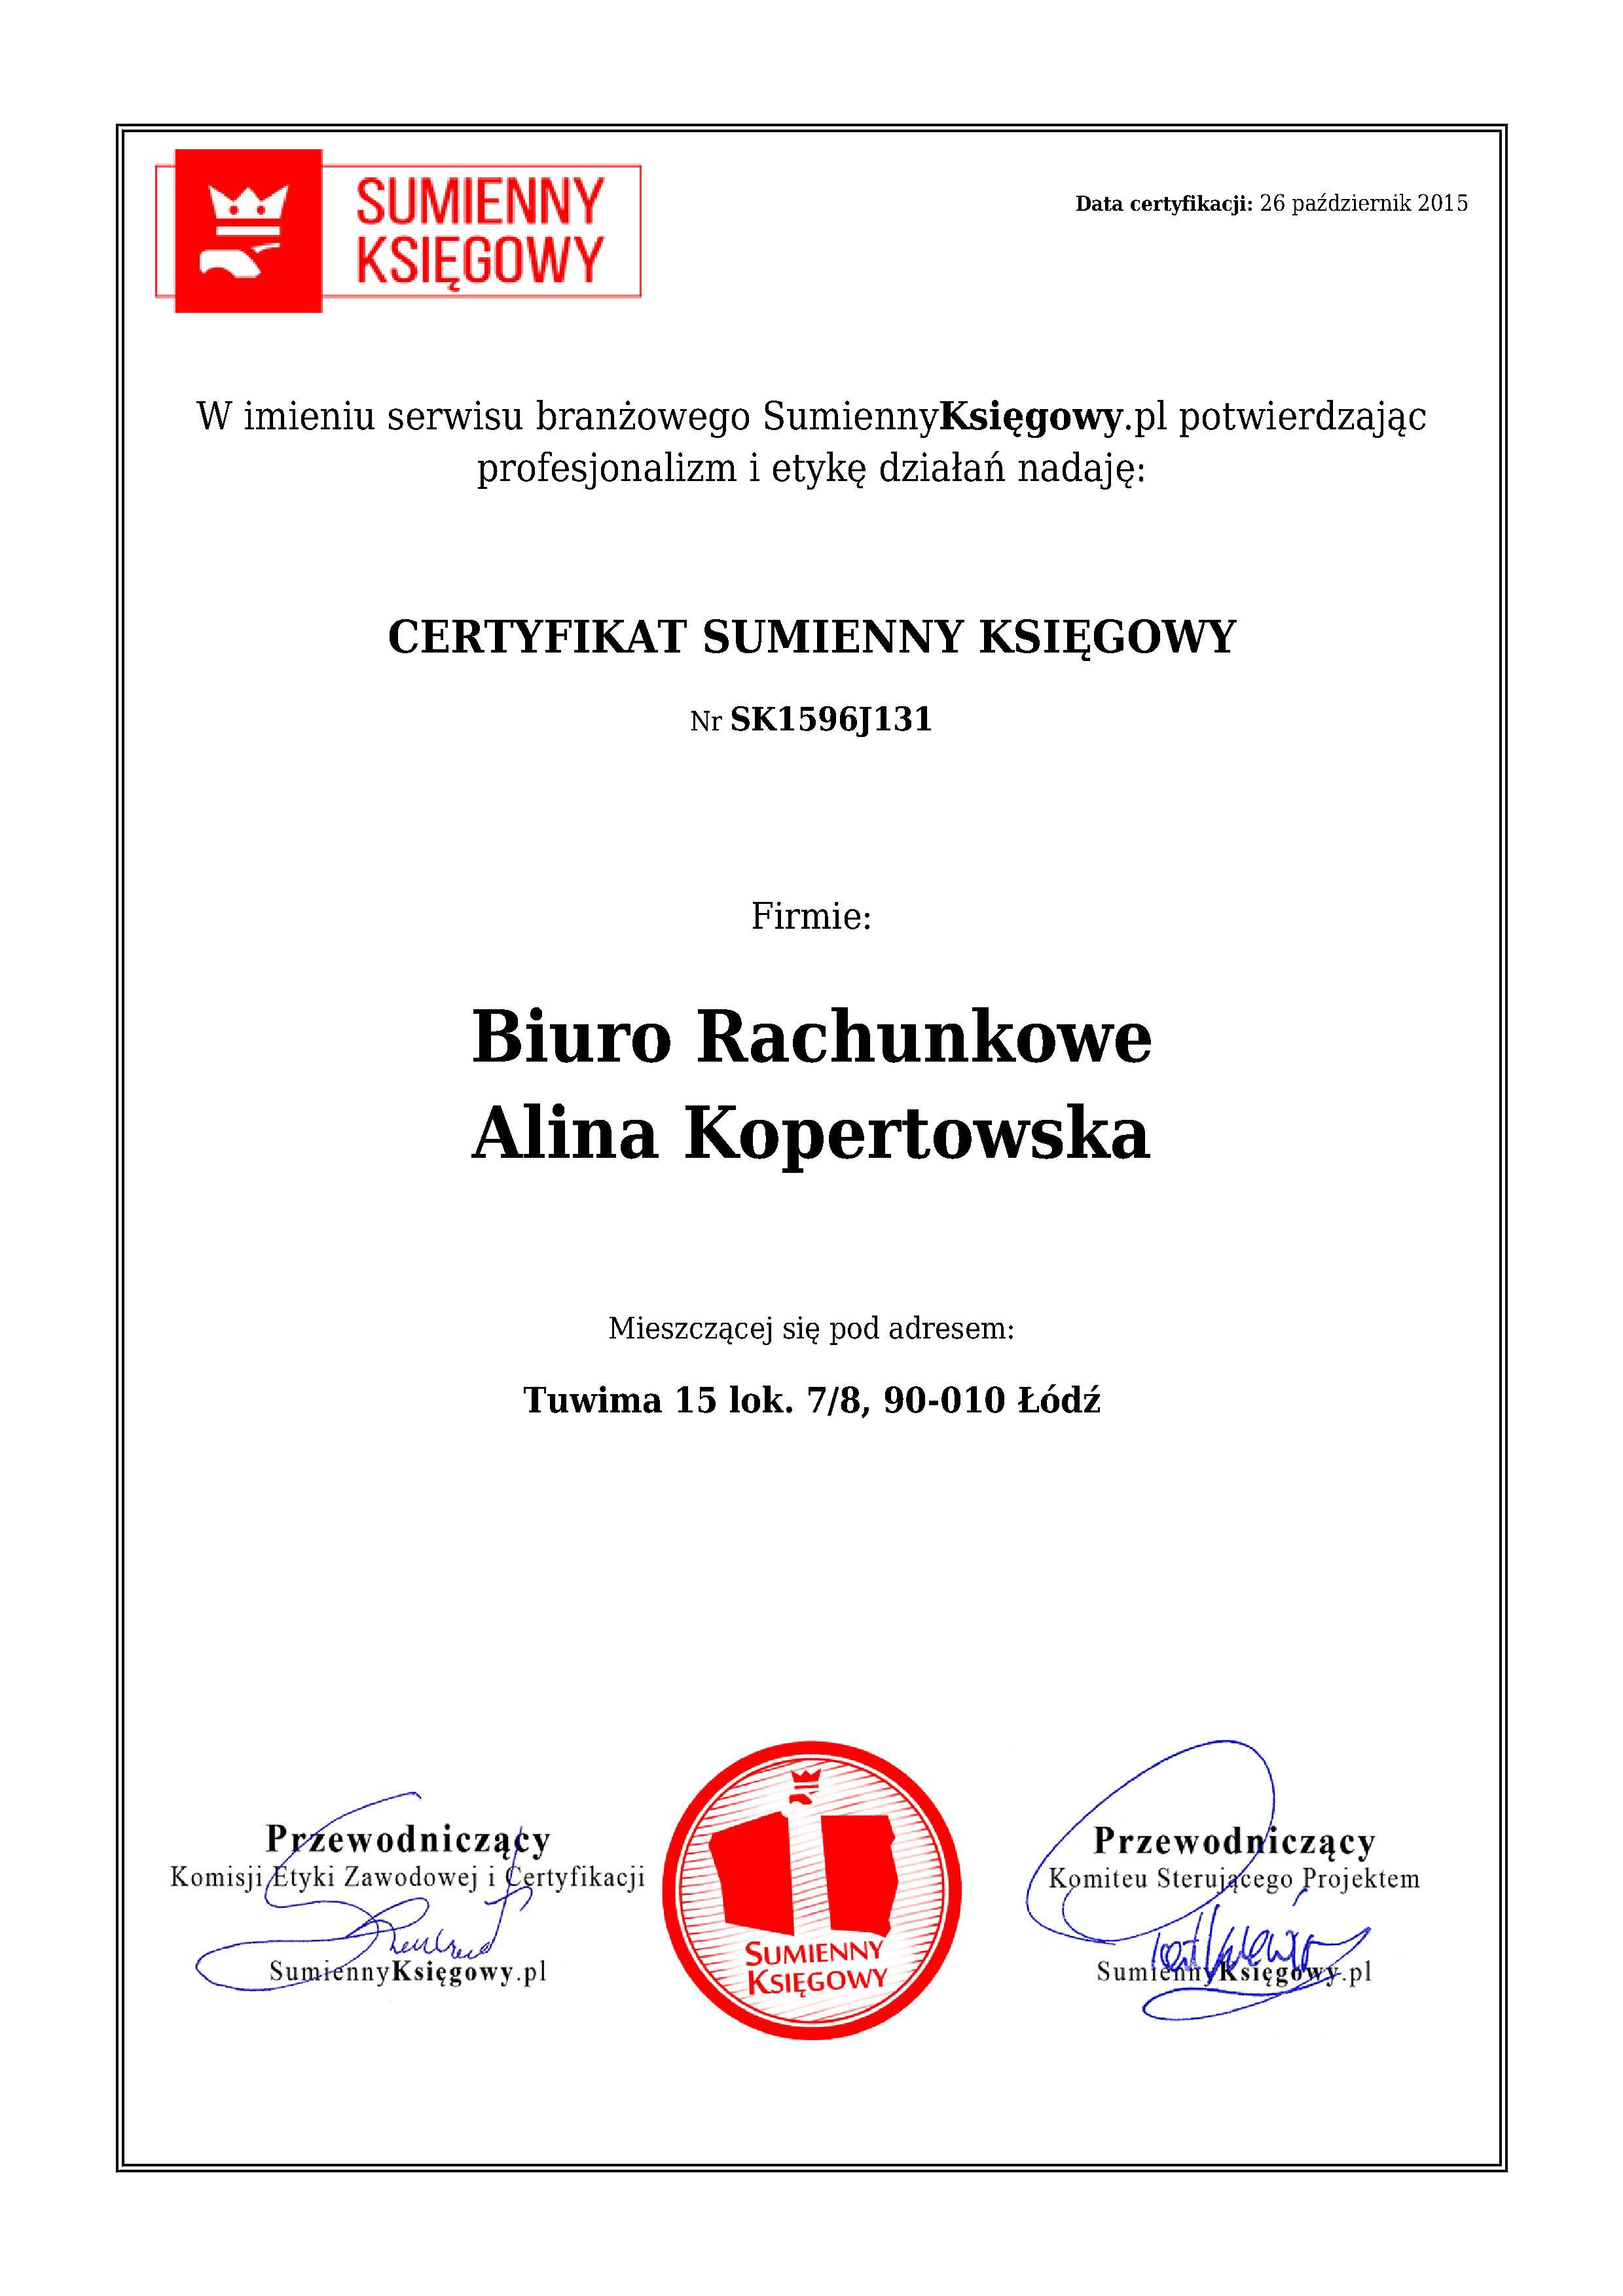 Certyfikat Biuro Rachunkowe Alina Kopertowska